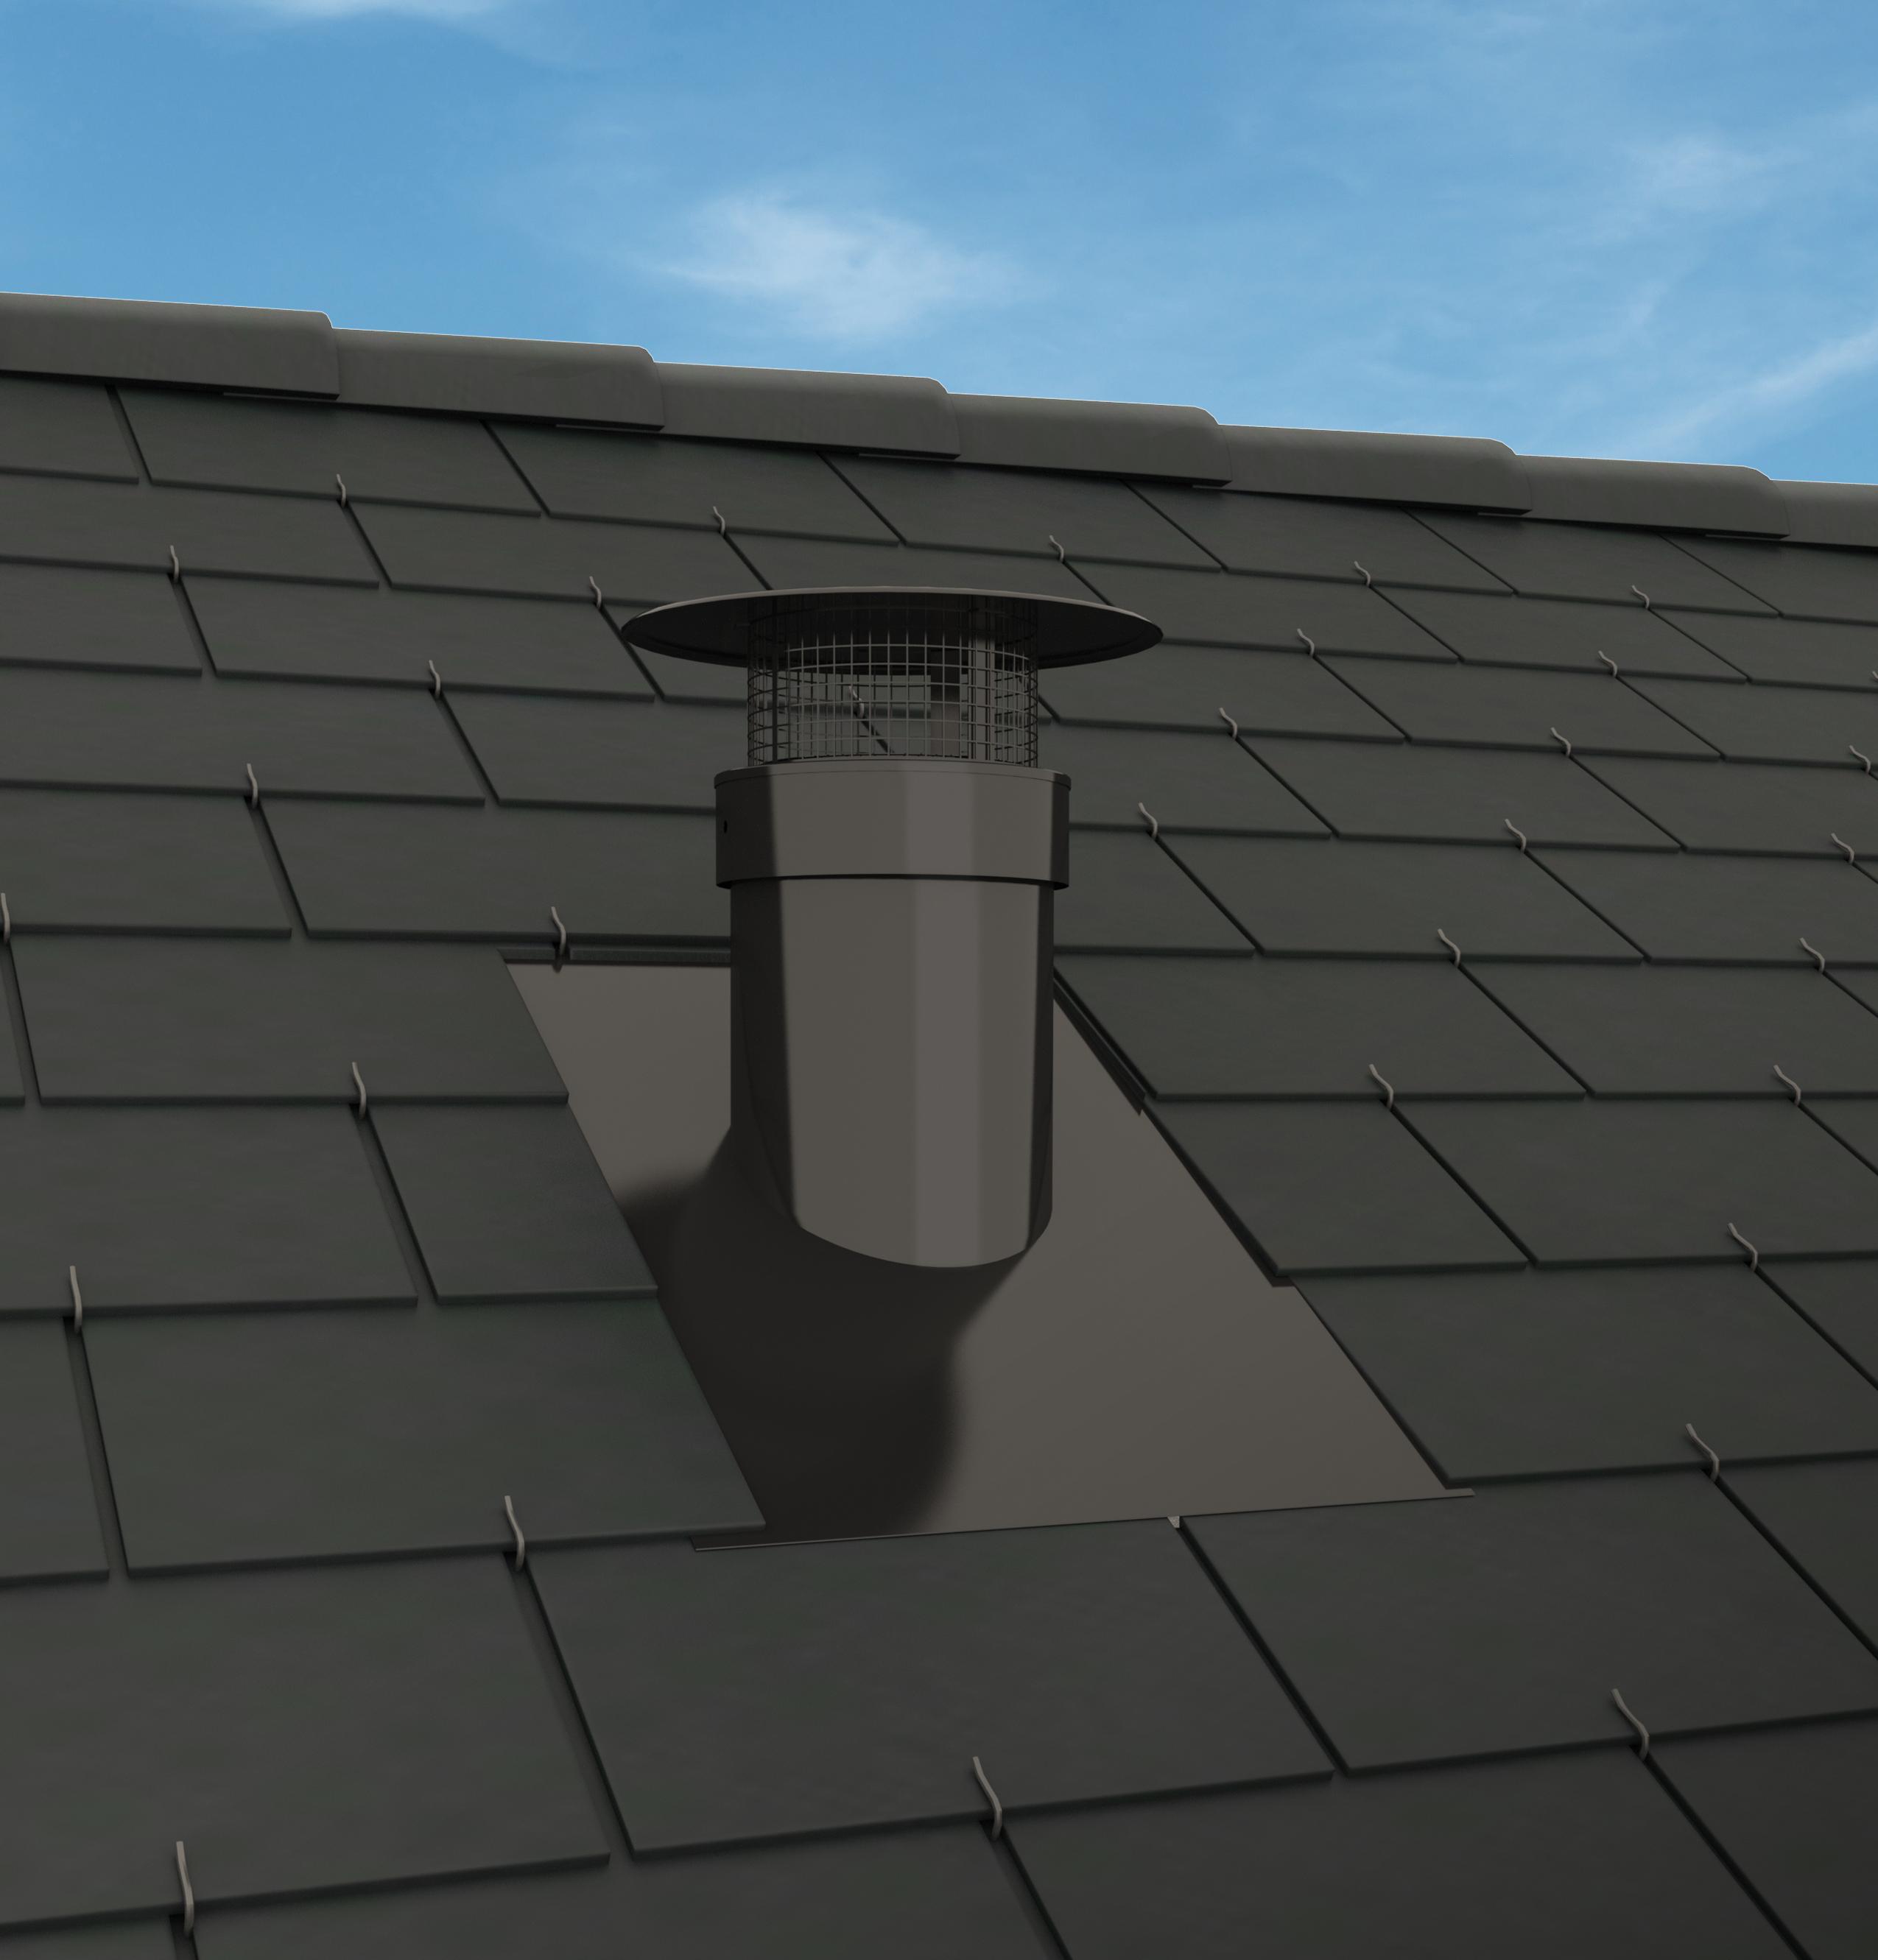 Chemin es poujoulat lance vent lia la sortie de toit for Sortie de cheminee poujoulat